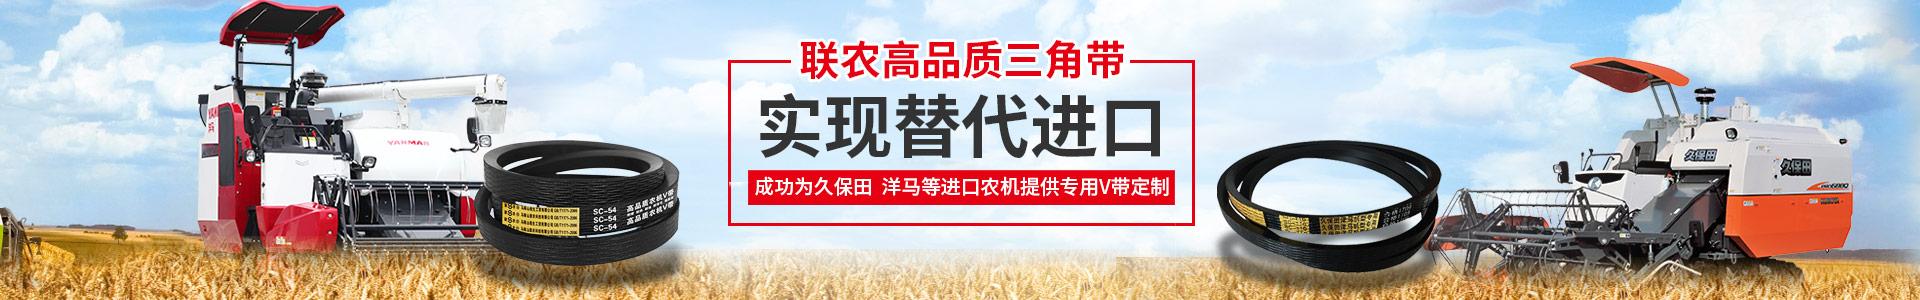 联农高品质三角带实现进口替代